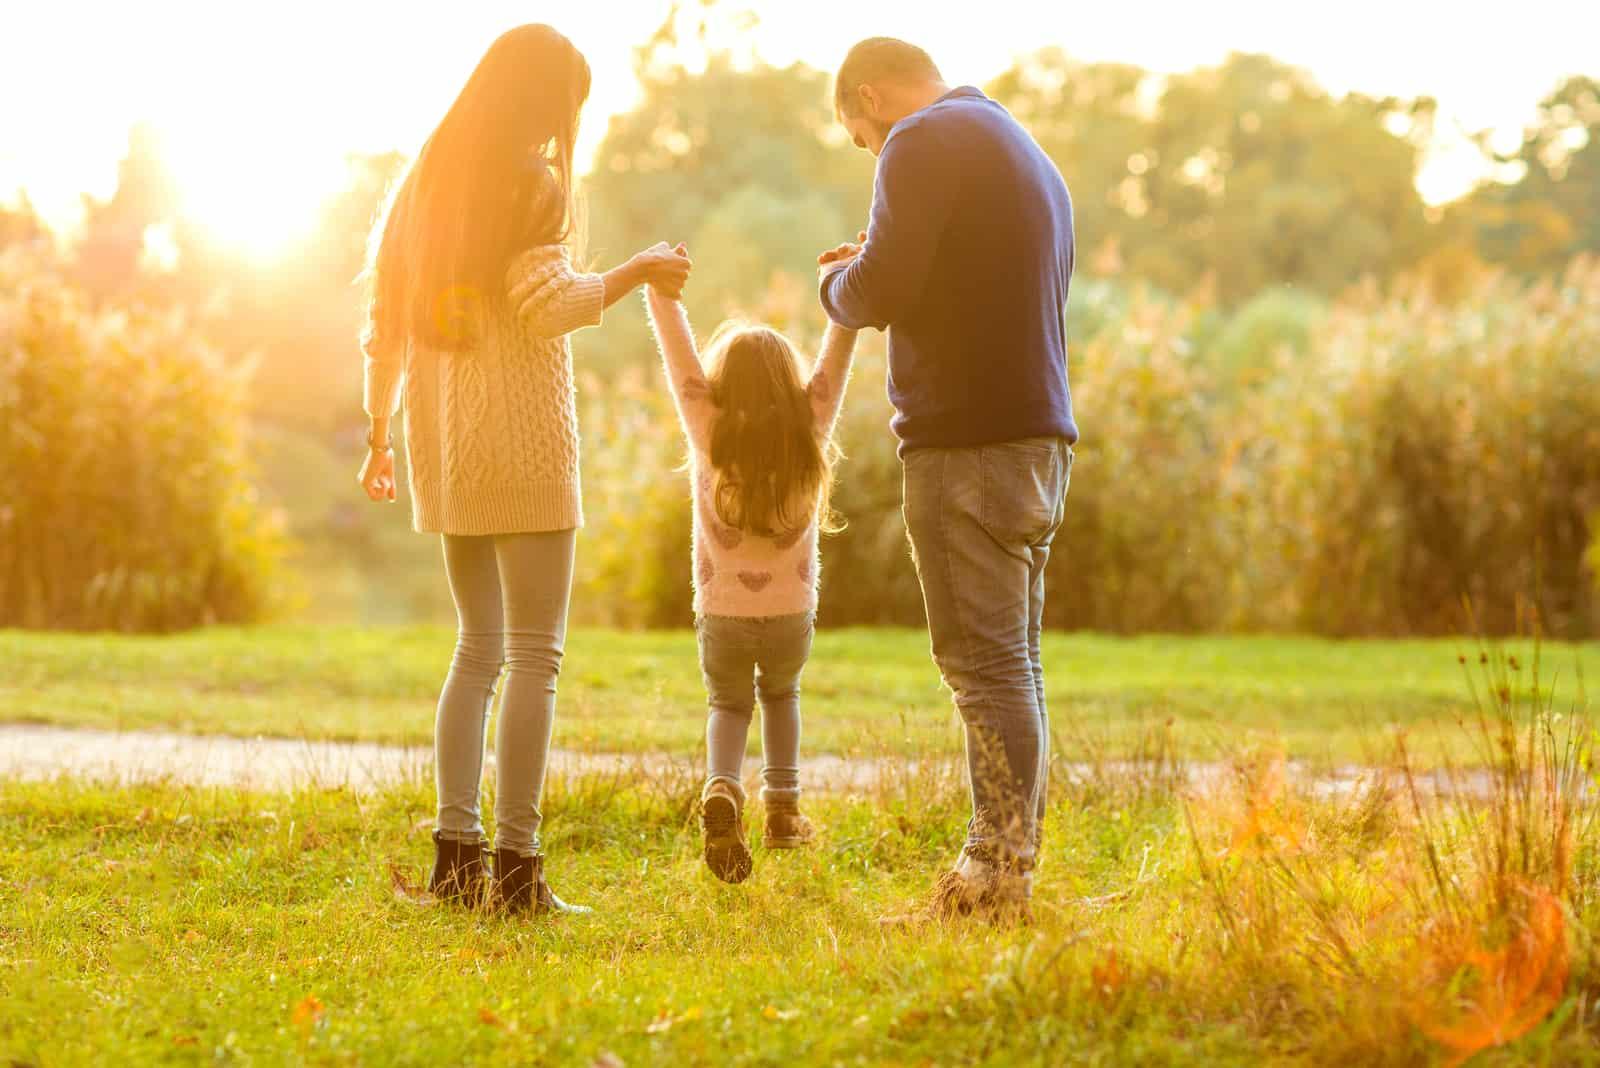 Familienspaziergang im Park